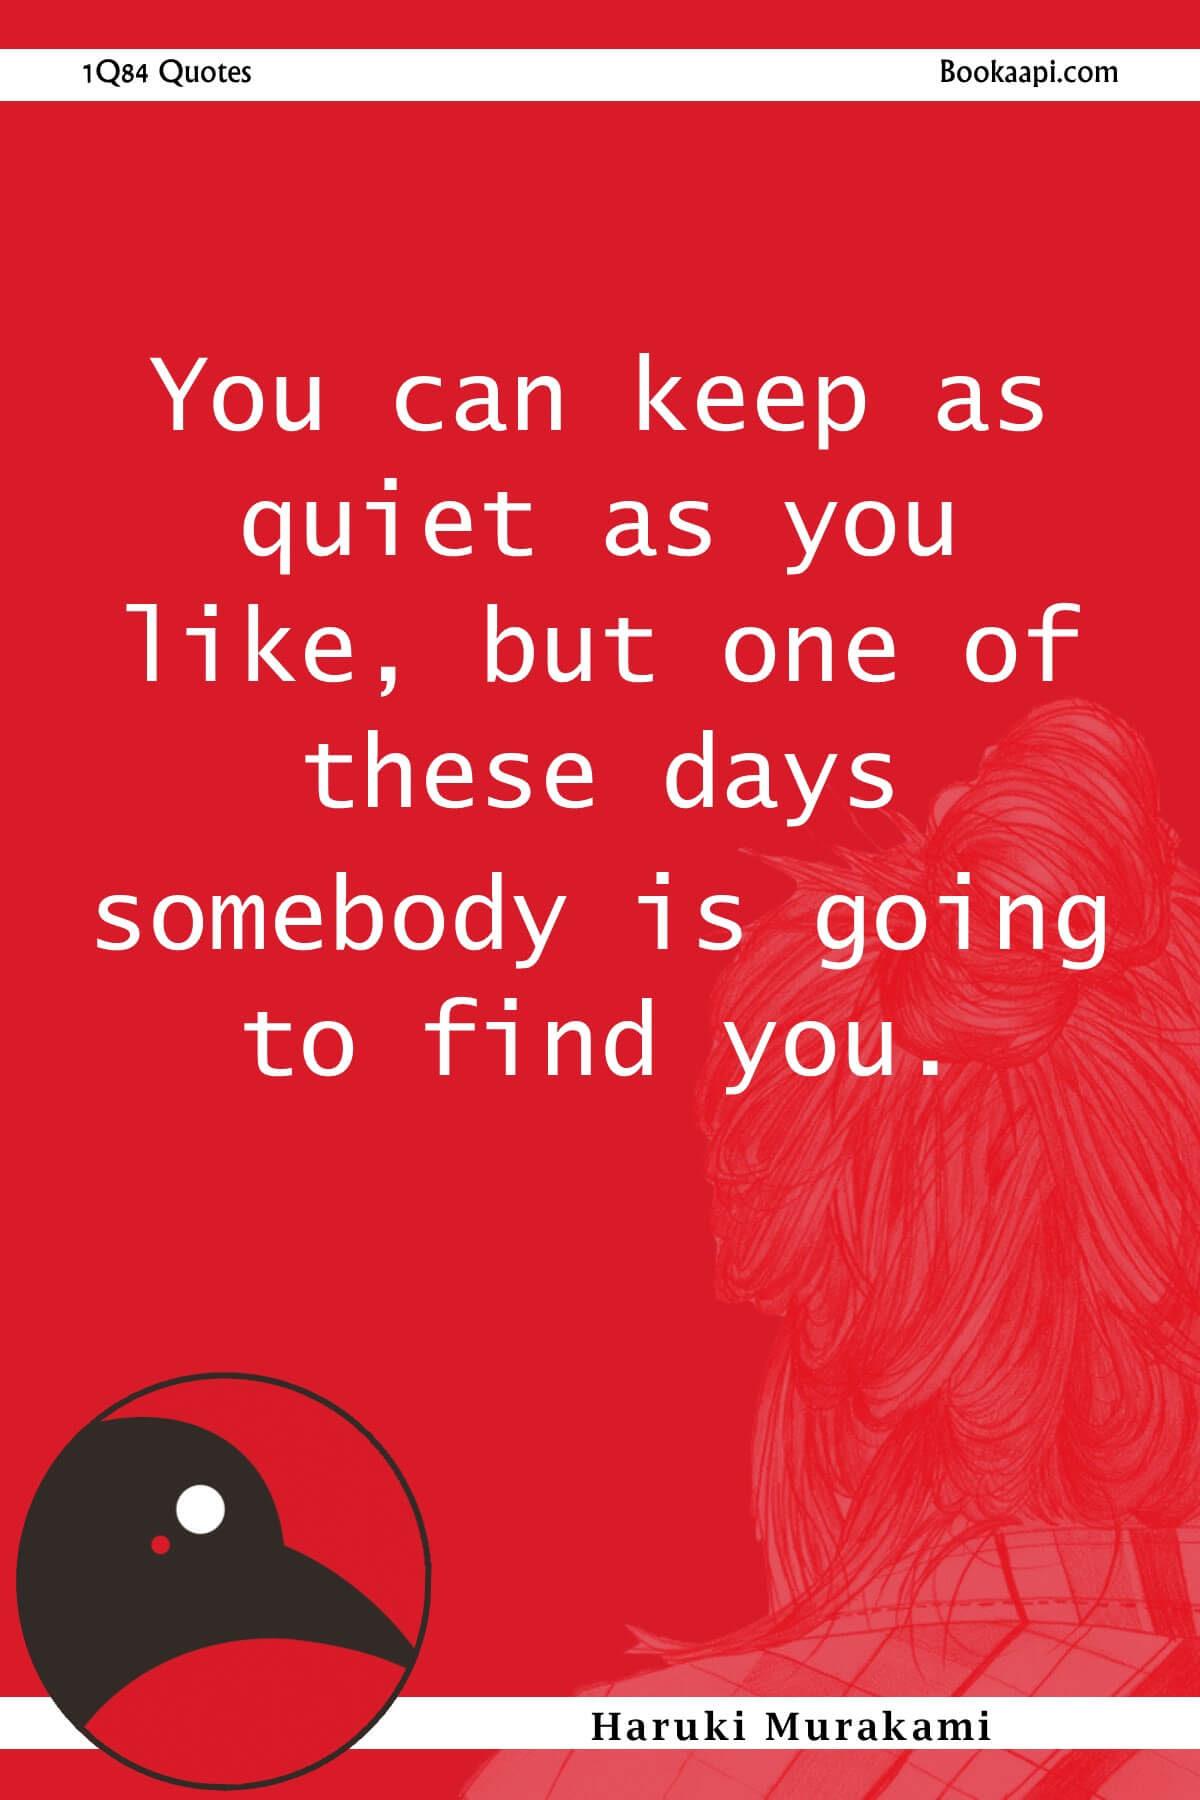 15 Entrancing 1q84 Quotes By Haruki Murakami Images